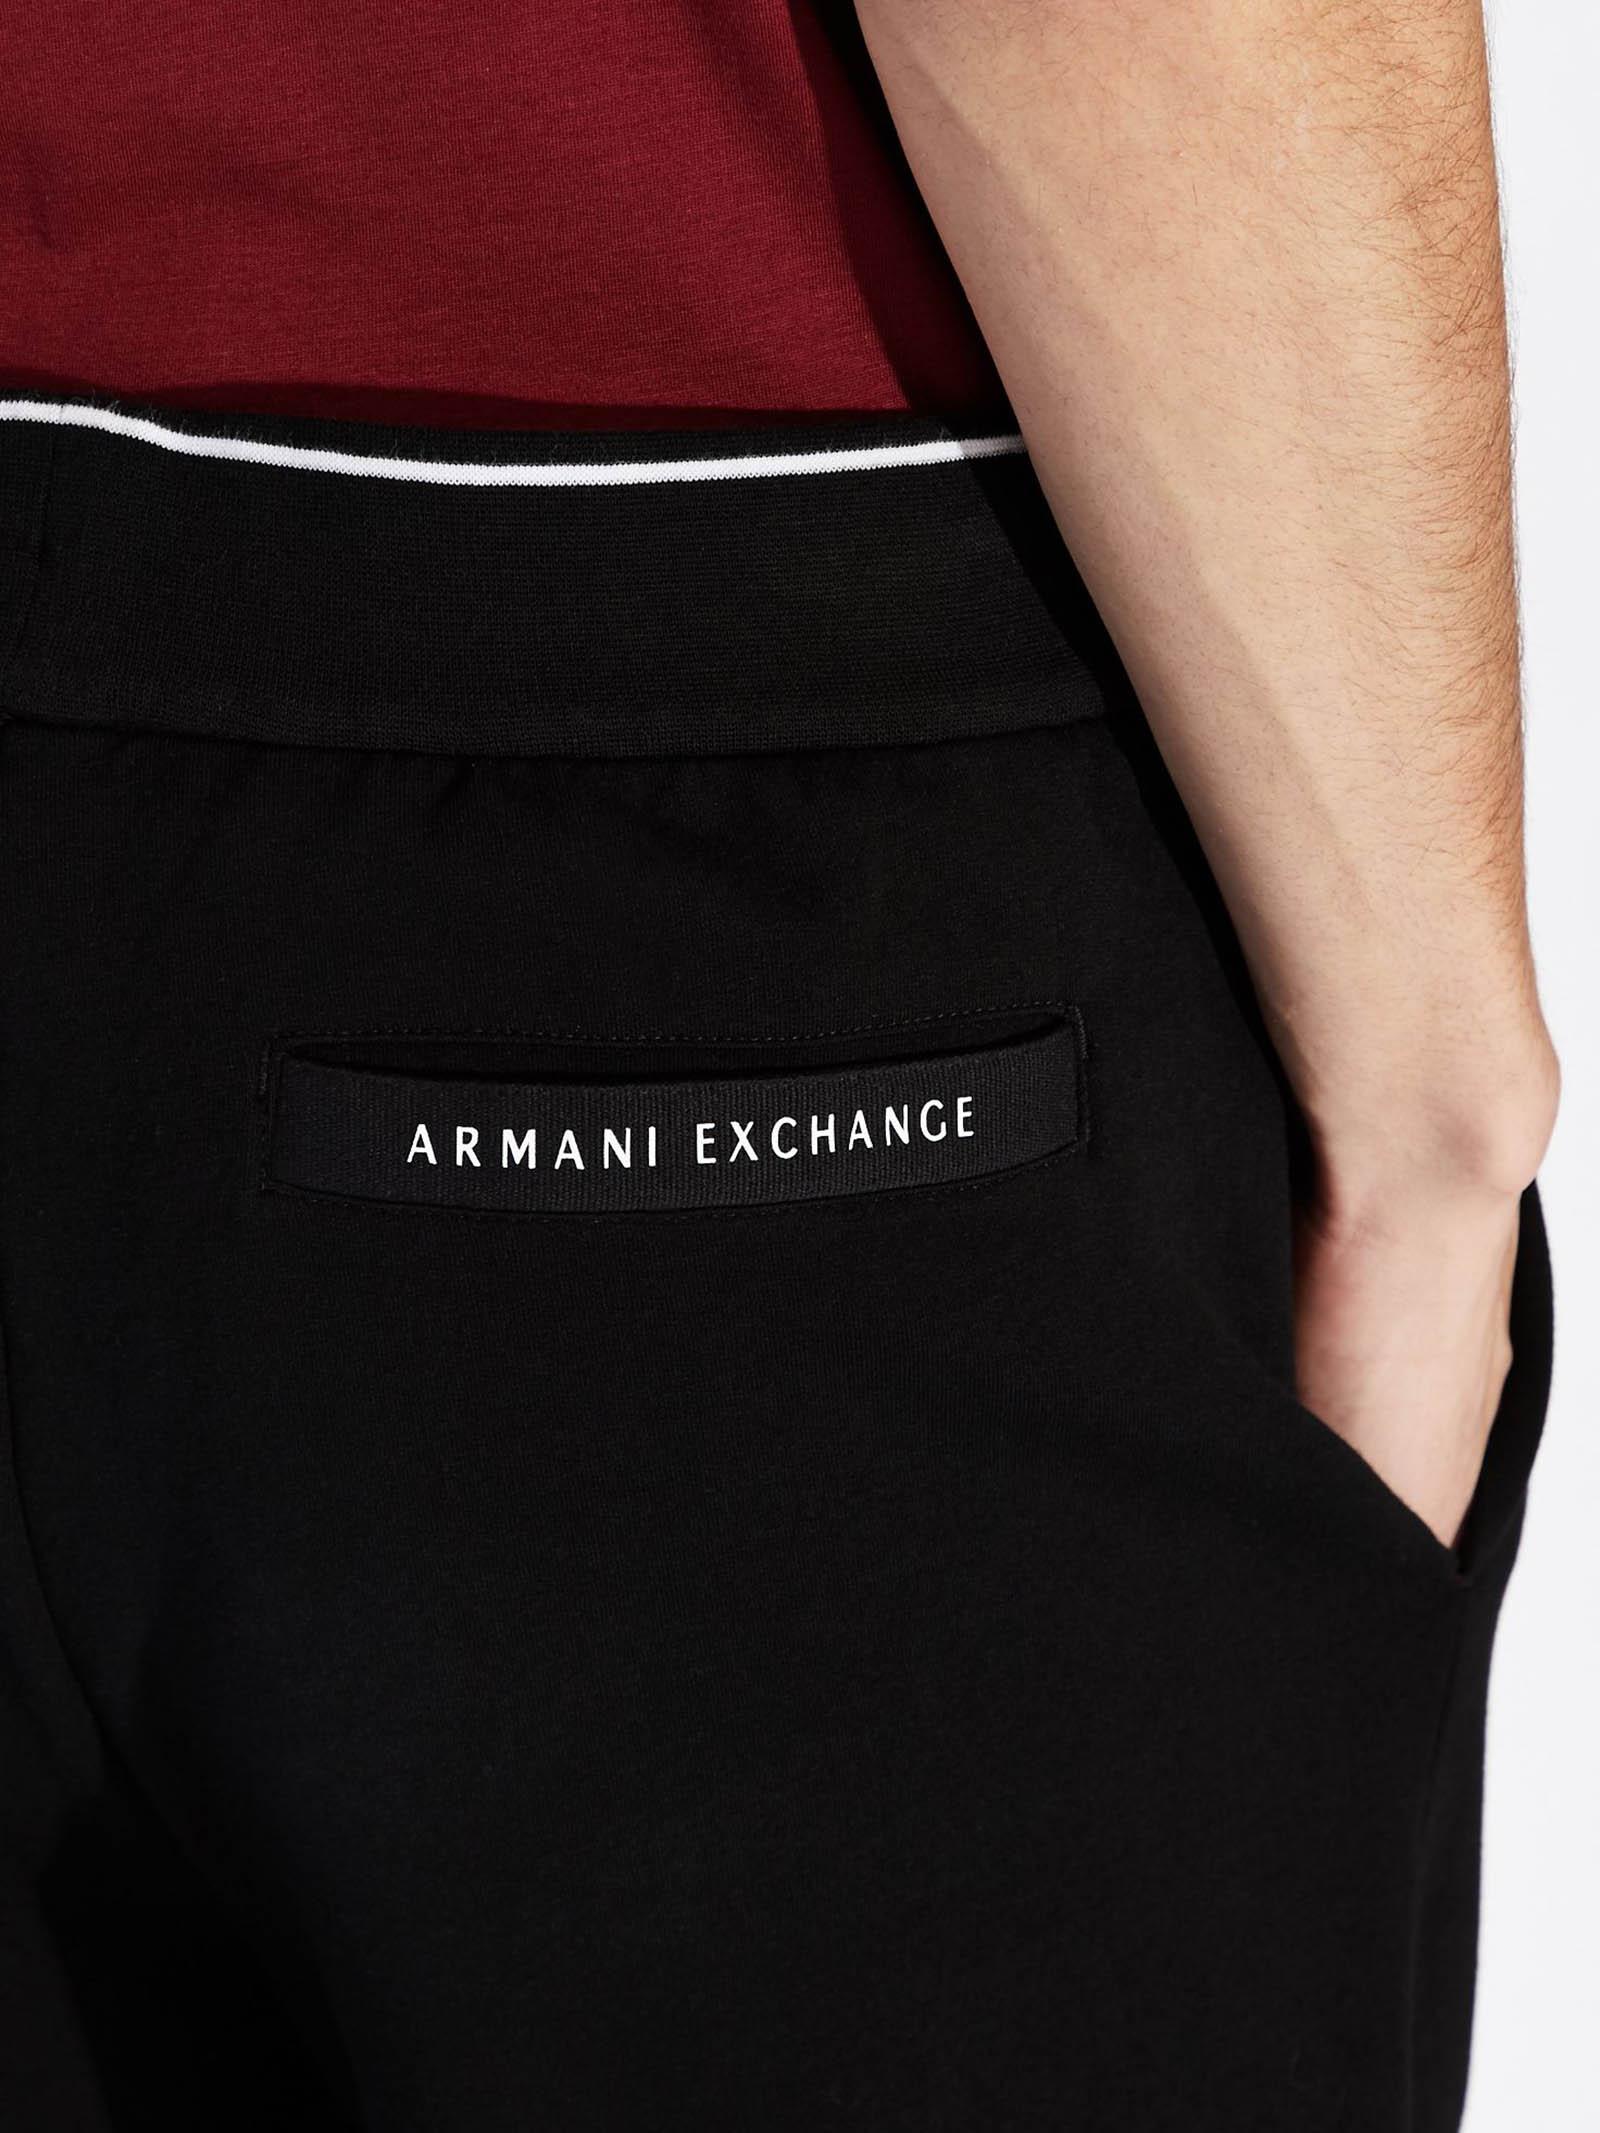 ARMANI EXCHANGE      8NZP82/ZJH3Z1200